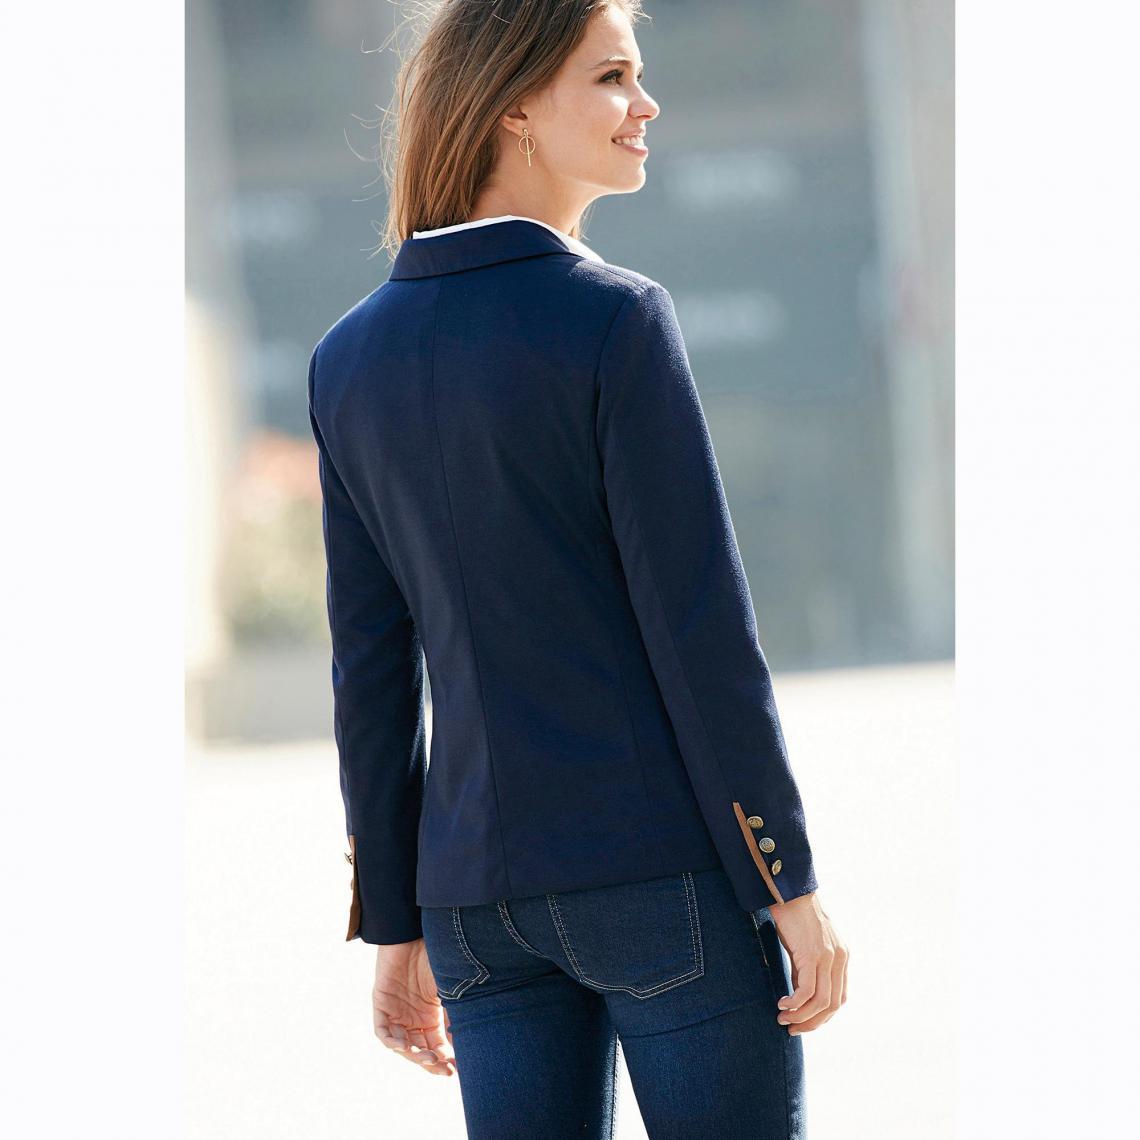 Veste manches longues double boutonnage femme Bleu 4 Avis